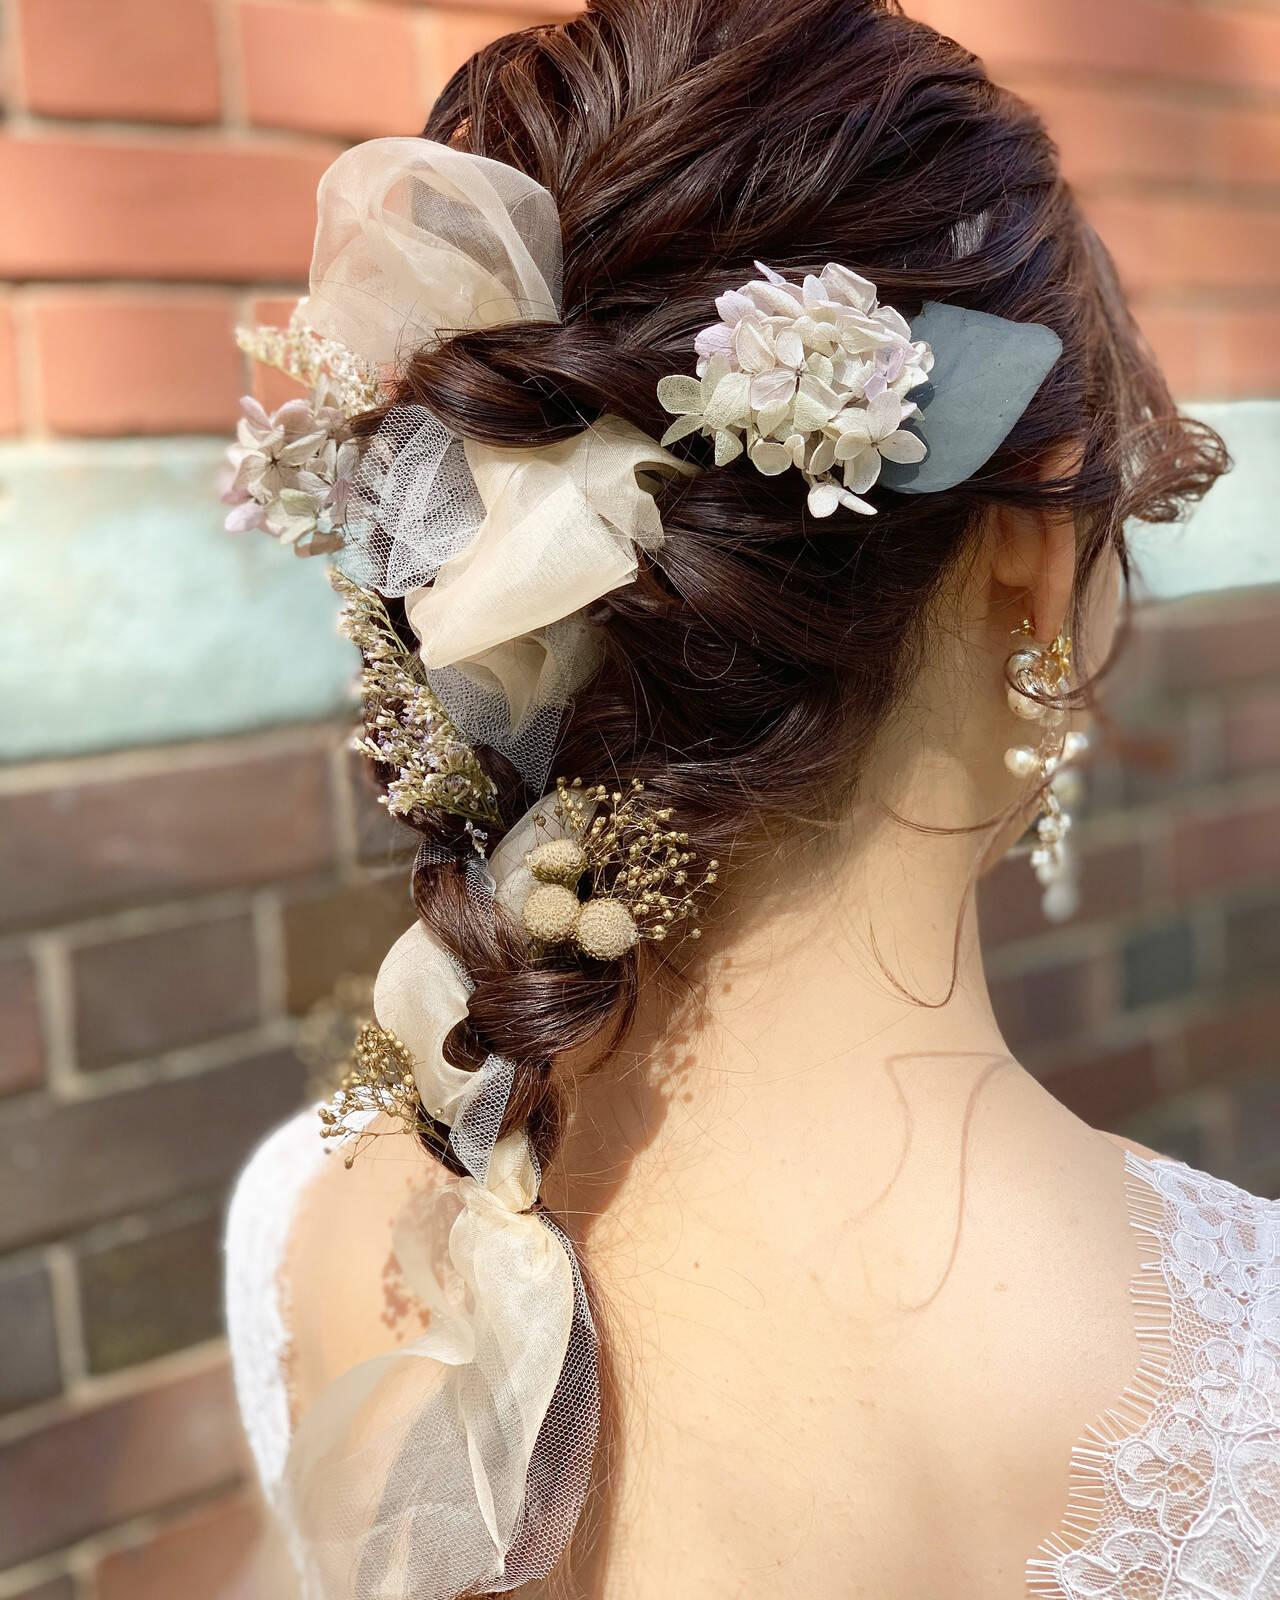 フェミニン ヘアアレンジ セミロングヘアスタイルや髪型の写真・画像